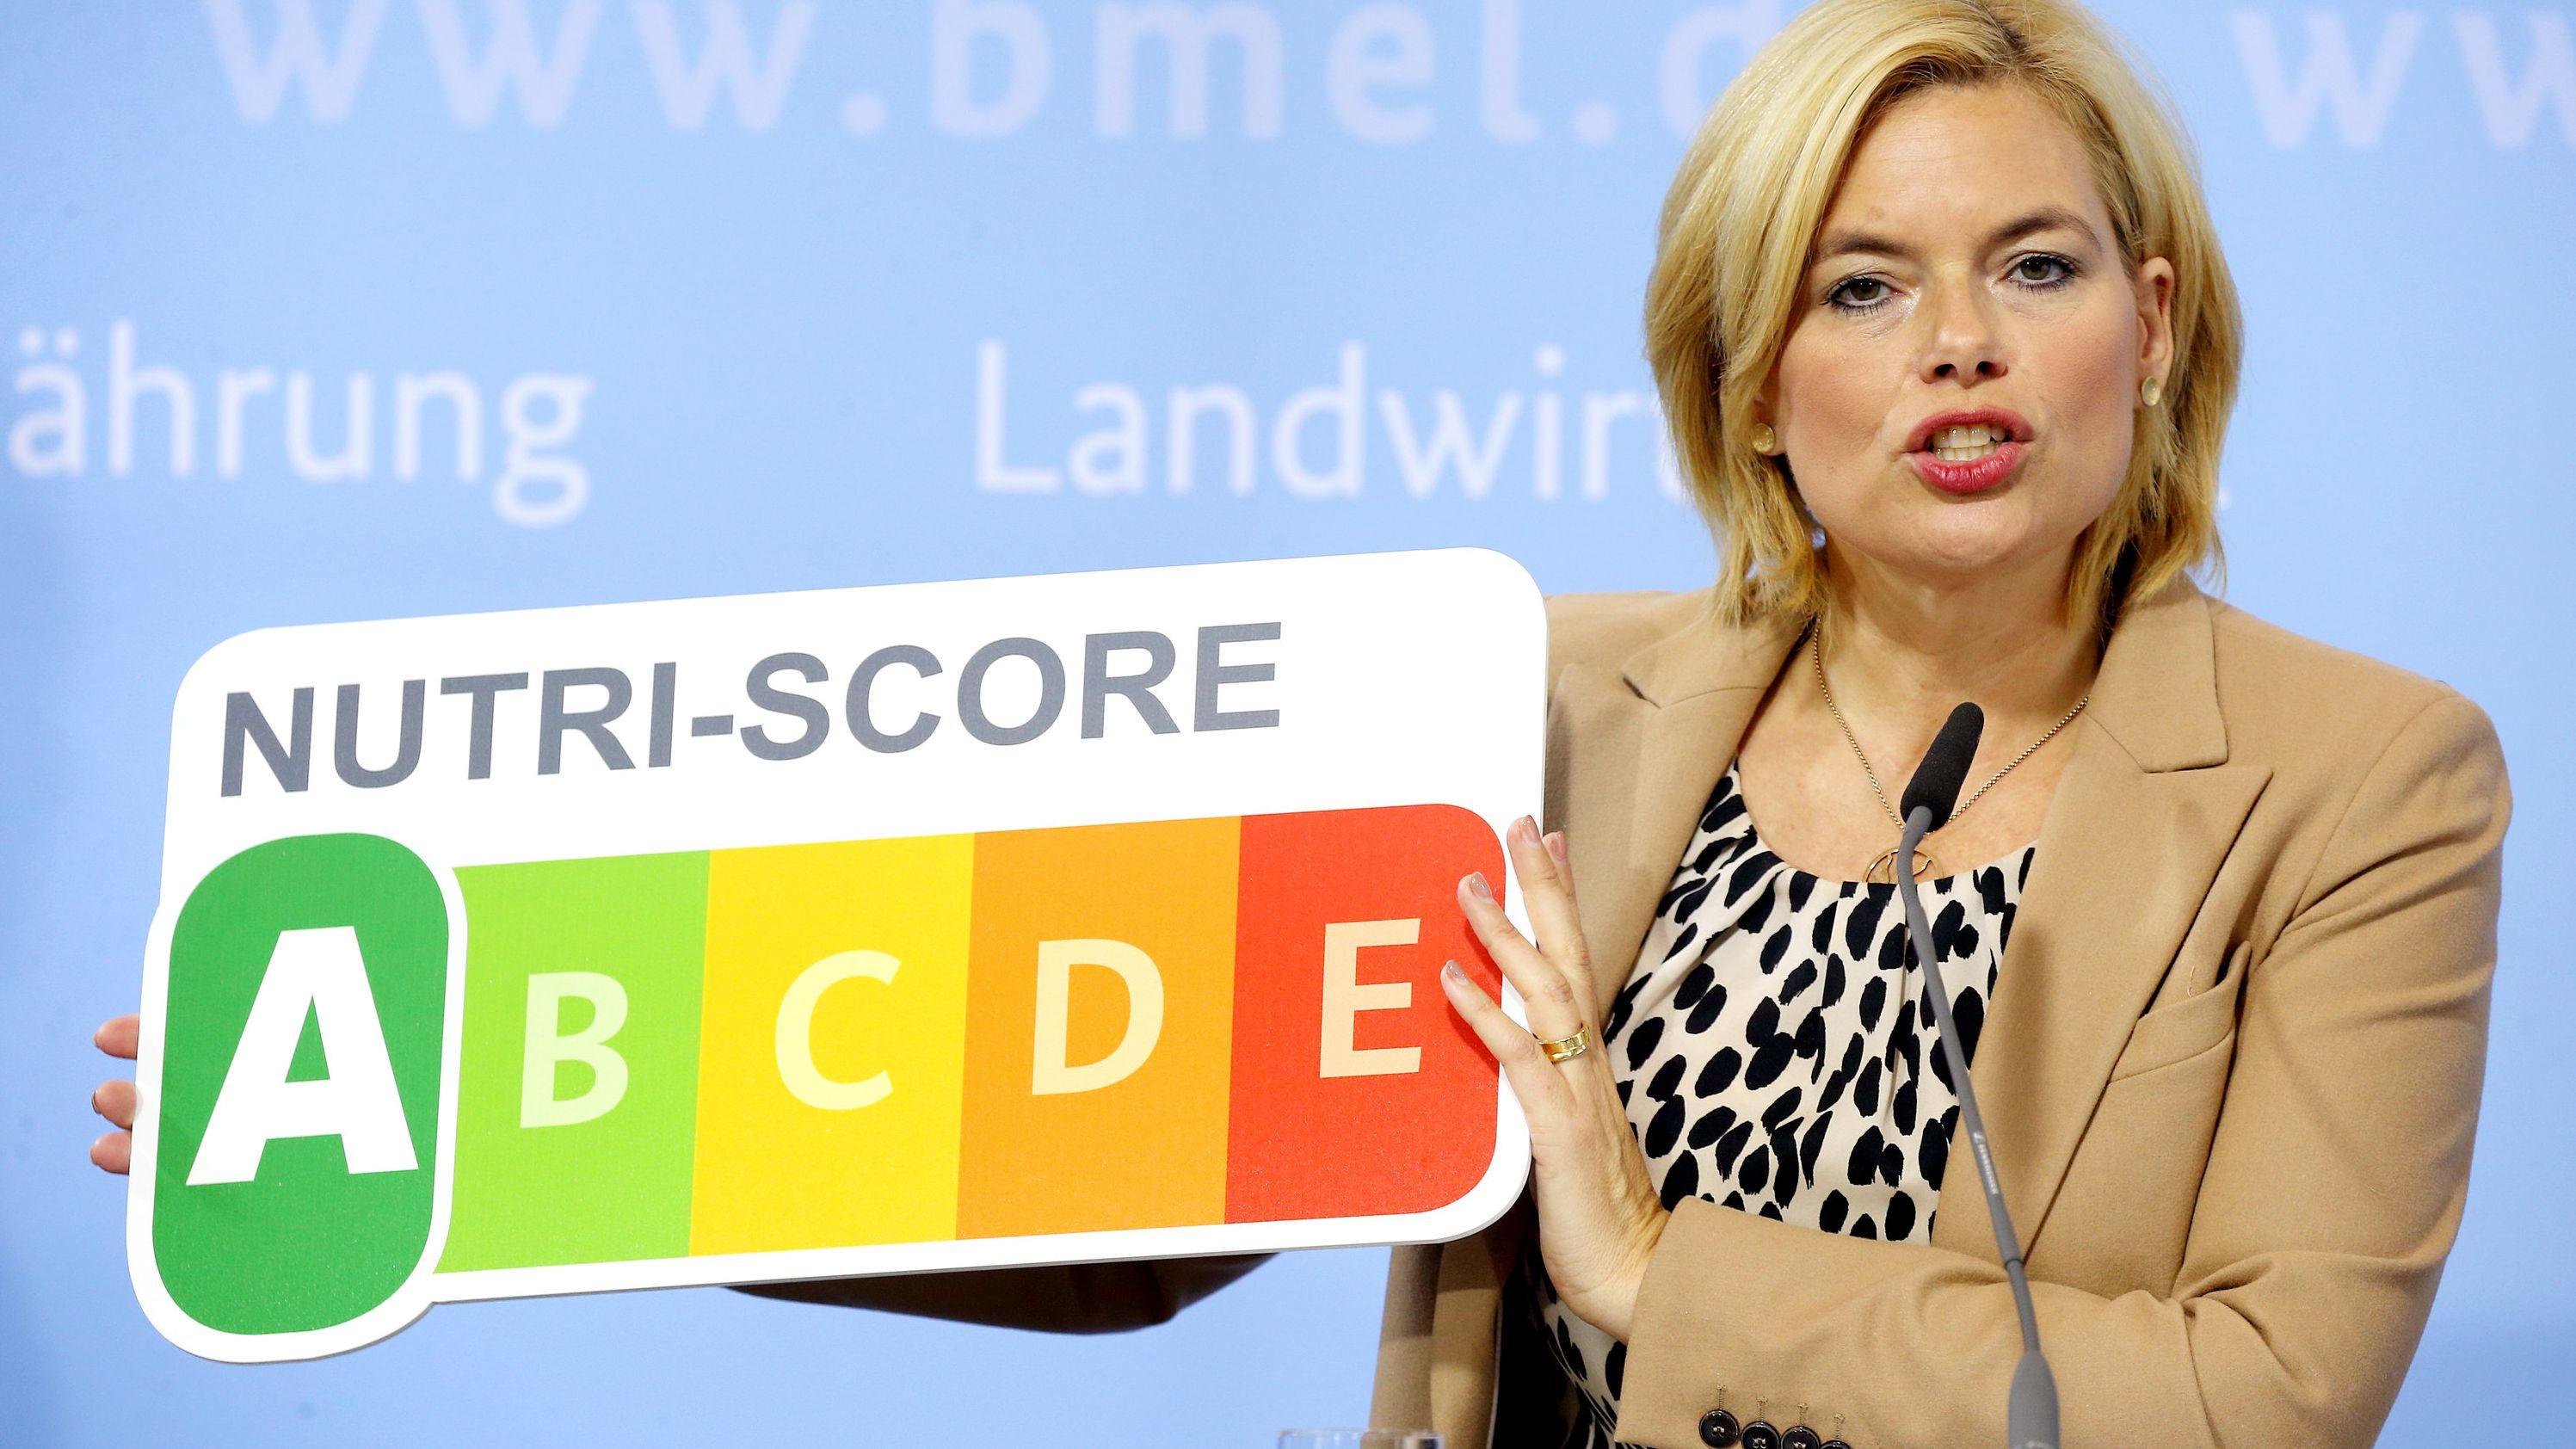 """Bundesernährungsministerin, stellt während einer Pressekonferenz in ihrem Ministerium das neue Nährwertkennzeichen """"NutriScore"""" vor."""